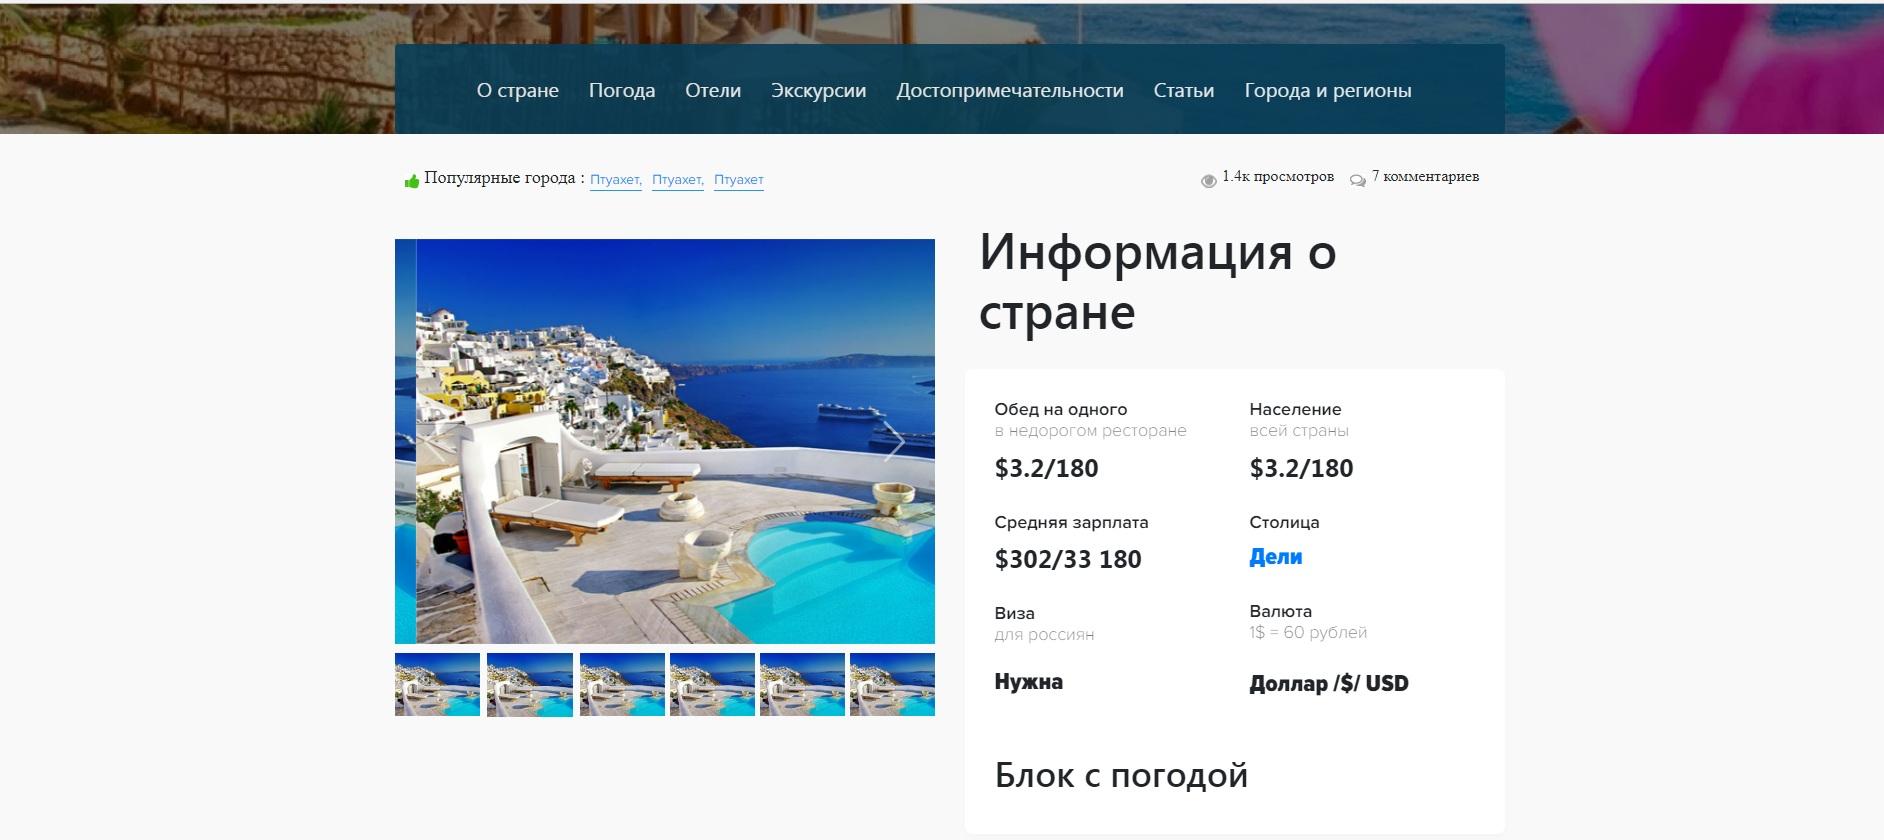 Сайт путешествий